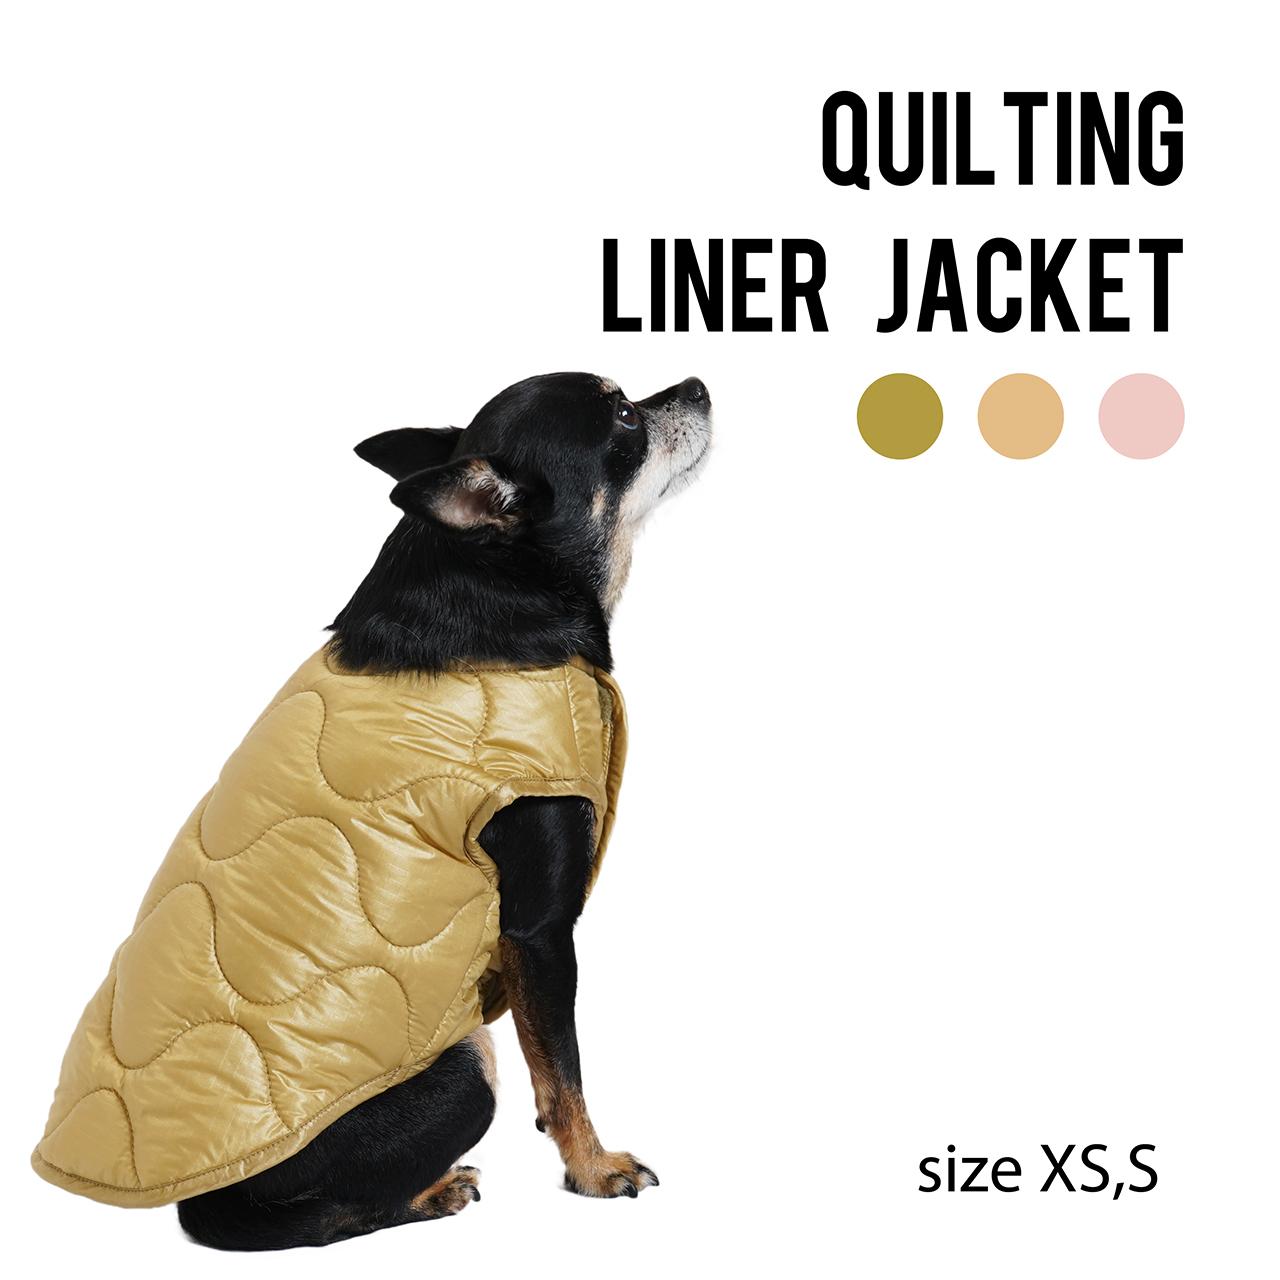 QUILTING LINNER JACKET(XS,S) キルティングライナージャケット